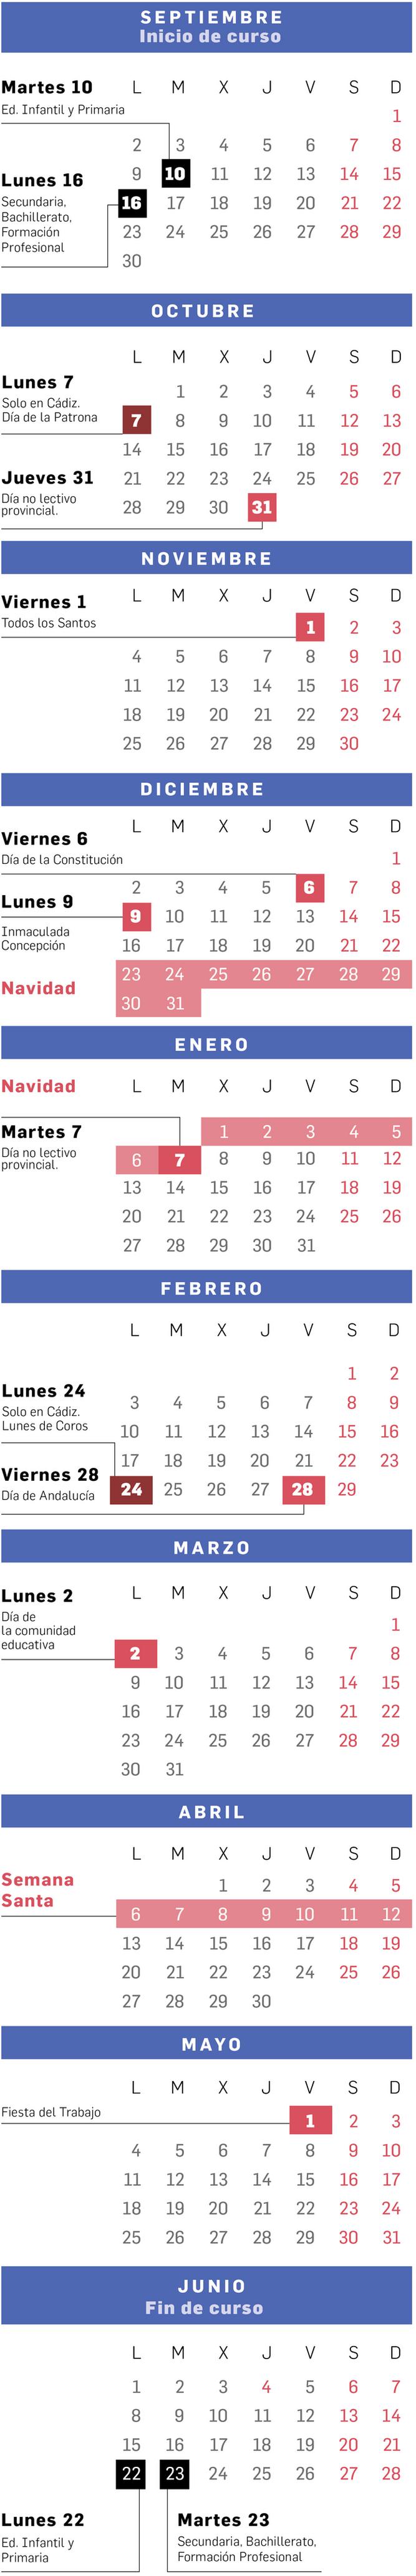 Calendario Escolar 2020 Andalucia.Calendario Escolar Para El Curso 2019 2020 En Cadiz